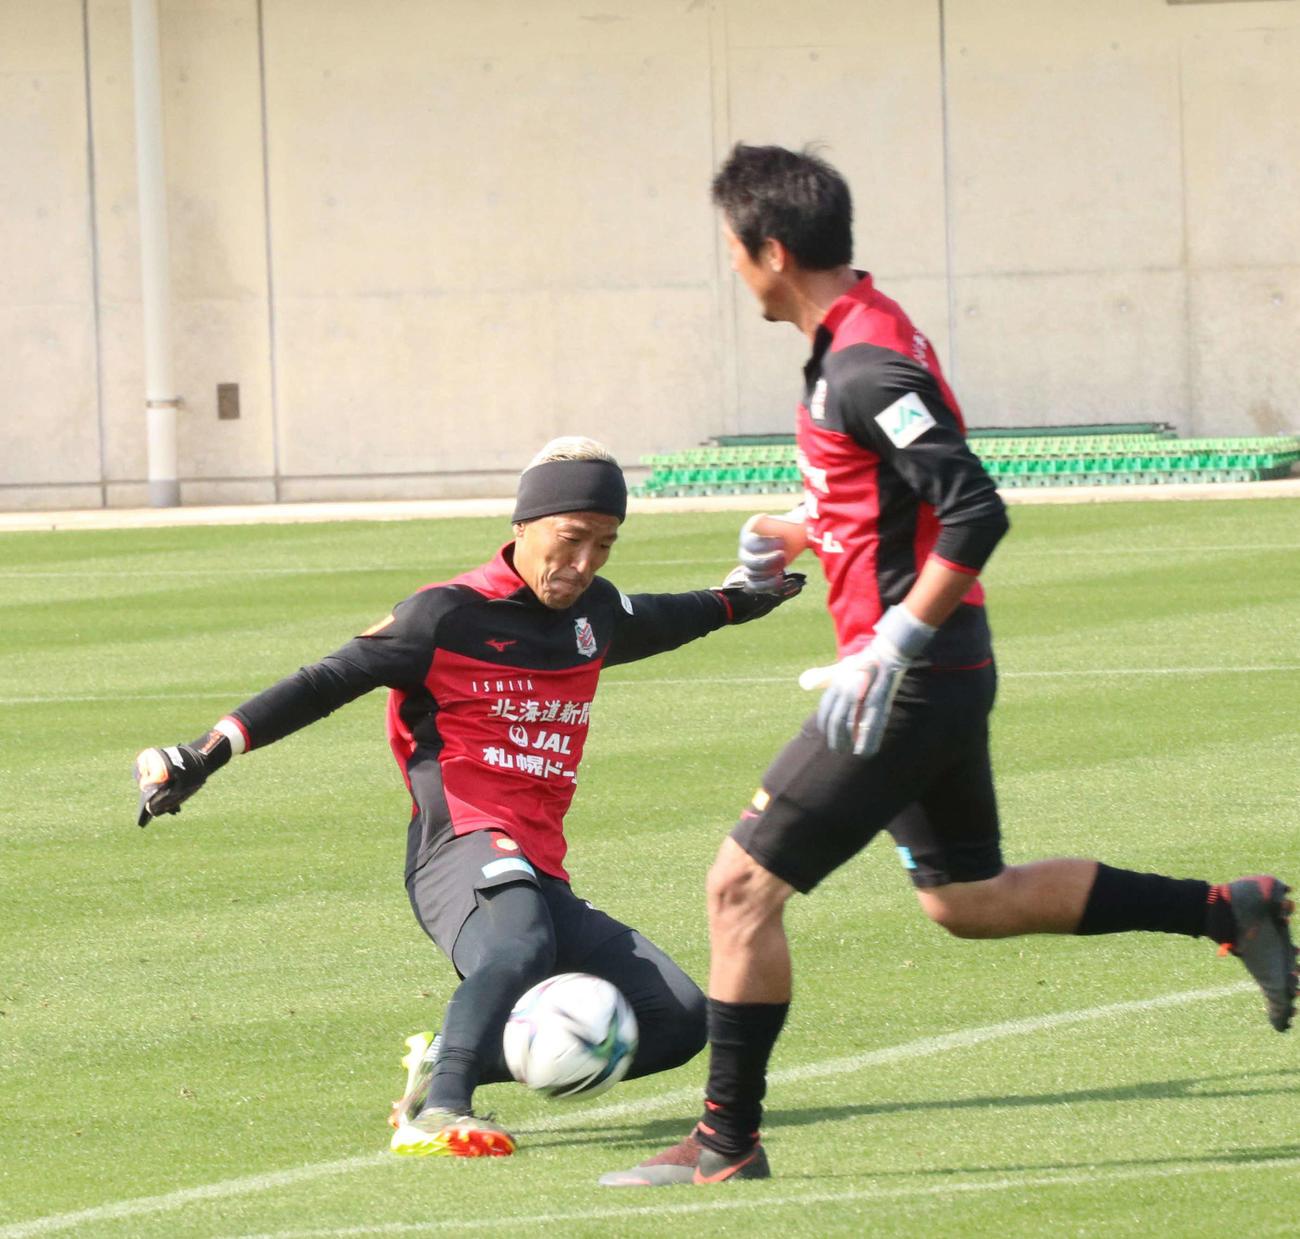 キーパー練習でボールを蹴る札幌GK菅野(左)(撮影・浅水友輝)